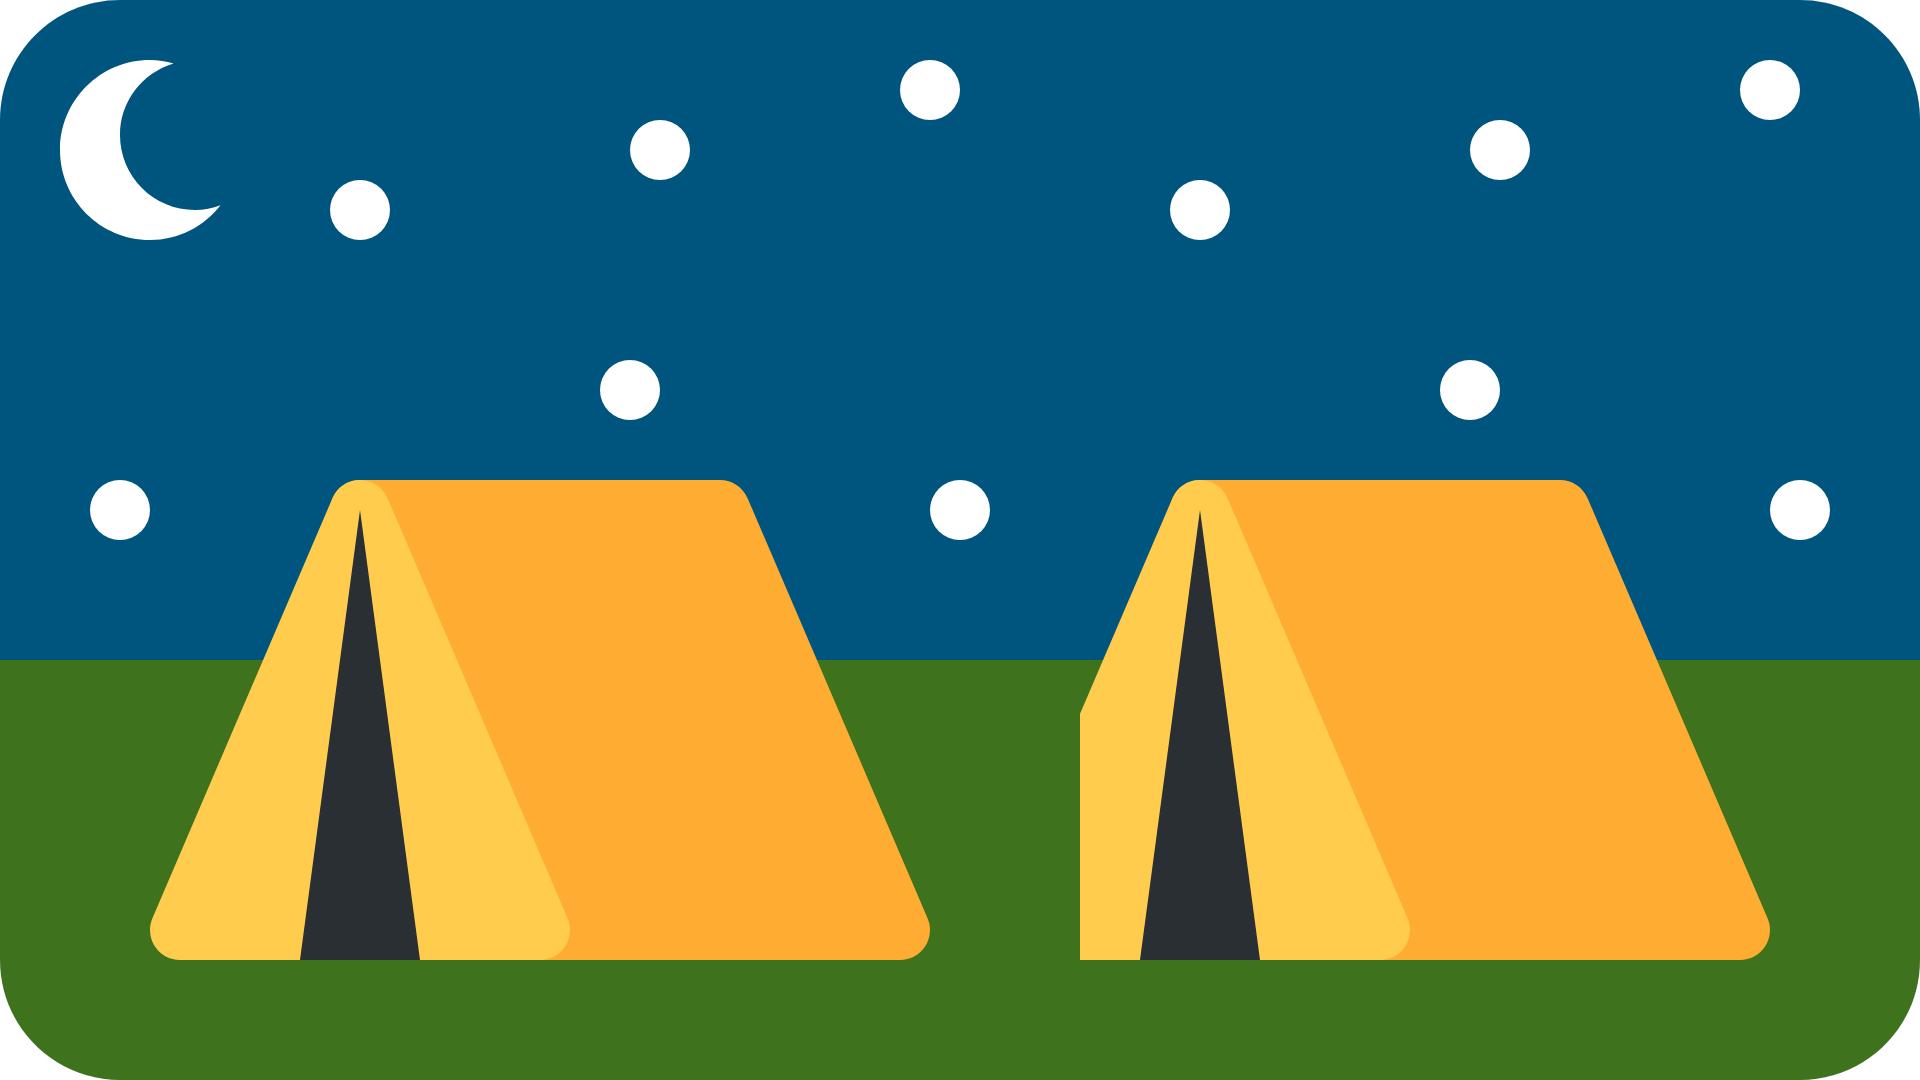 キャンプ場検索アプリ